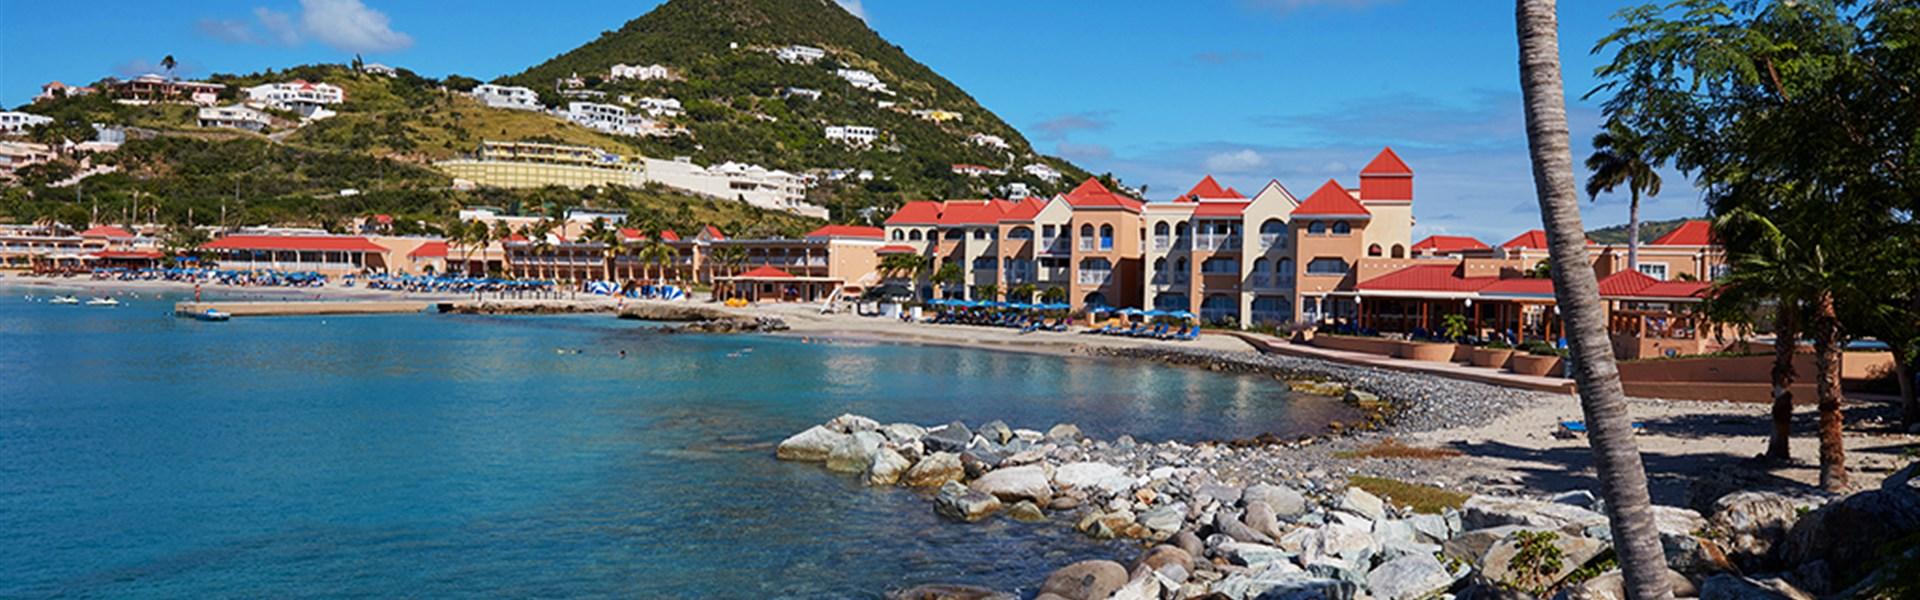 Divi Little Bay Beach Resort -